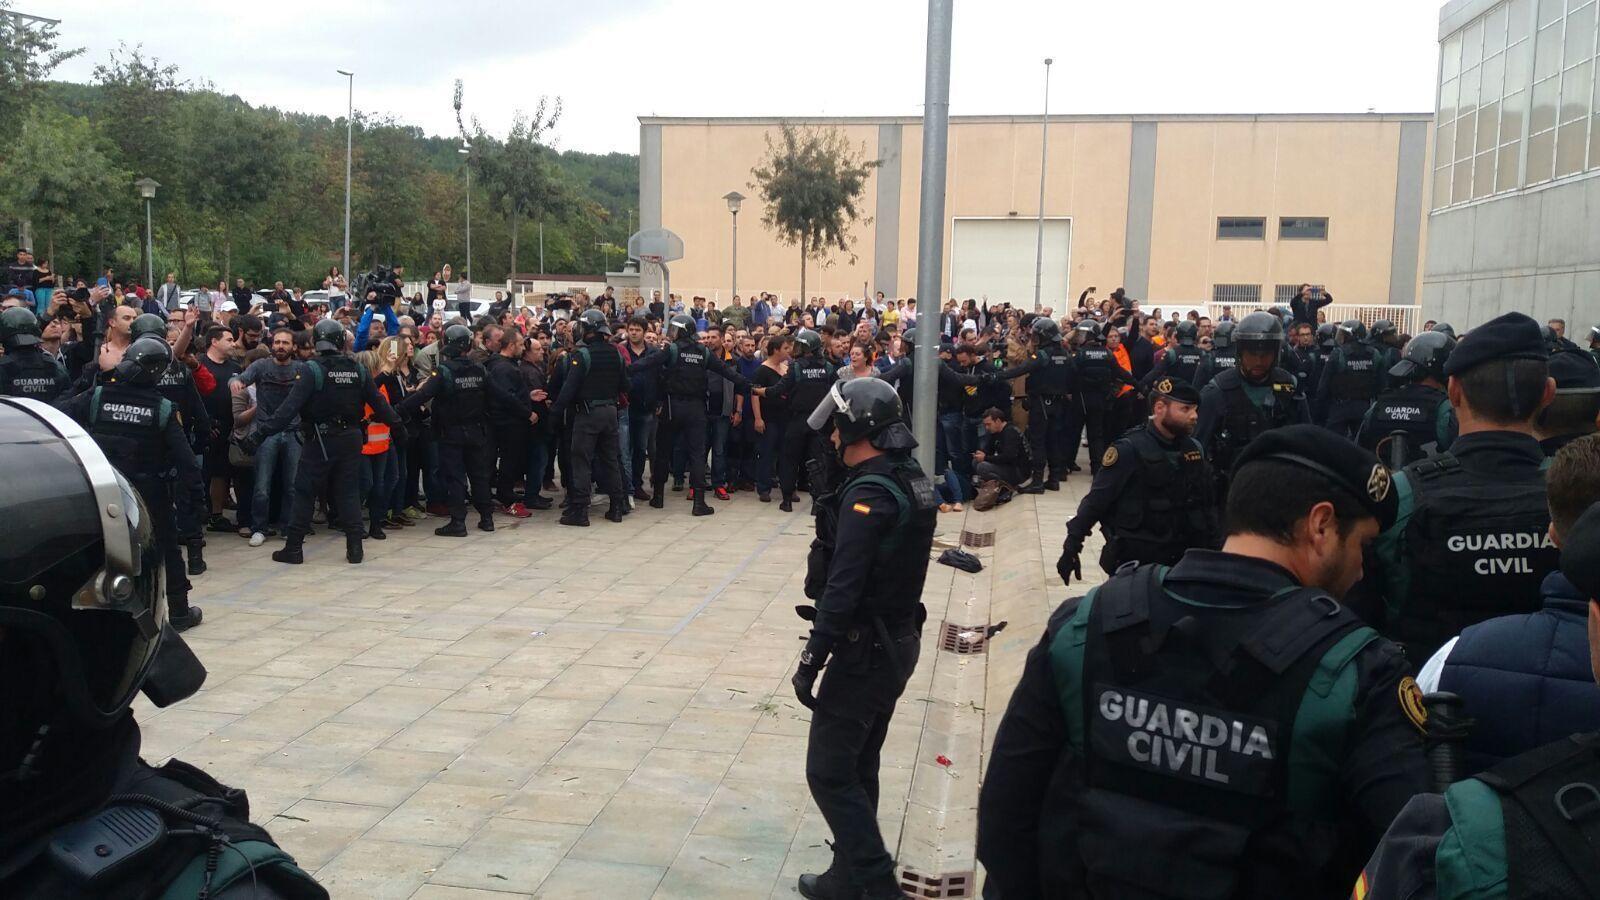 La Guàrdia Civil ha desallotjat per la força els concentrats a Sant Julià de Ramis, el poble on ha de votar el president Puigdemont